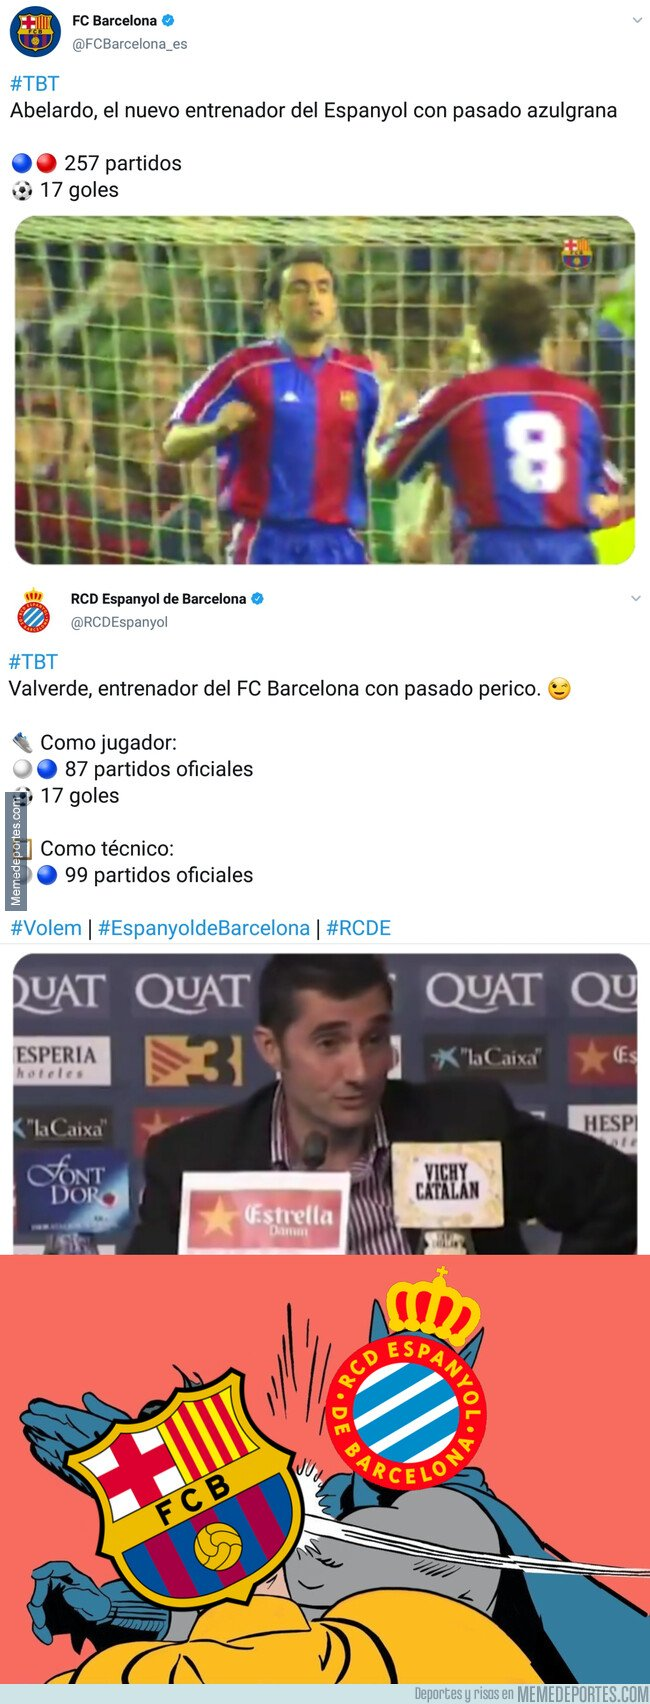 1094894 - La gran respuesta del Espanyol al Barça que comienza a calentar el derbi de esta semana